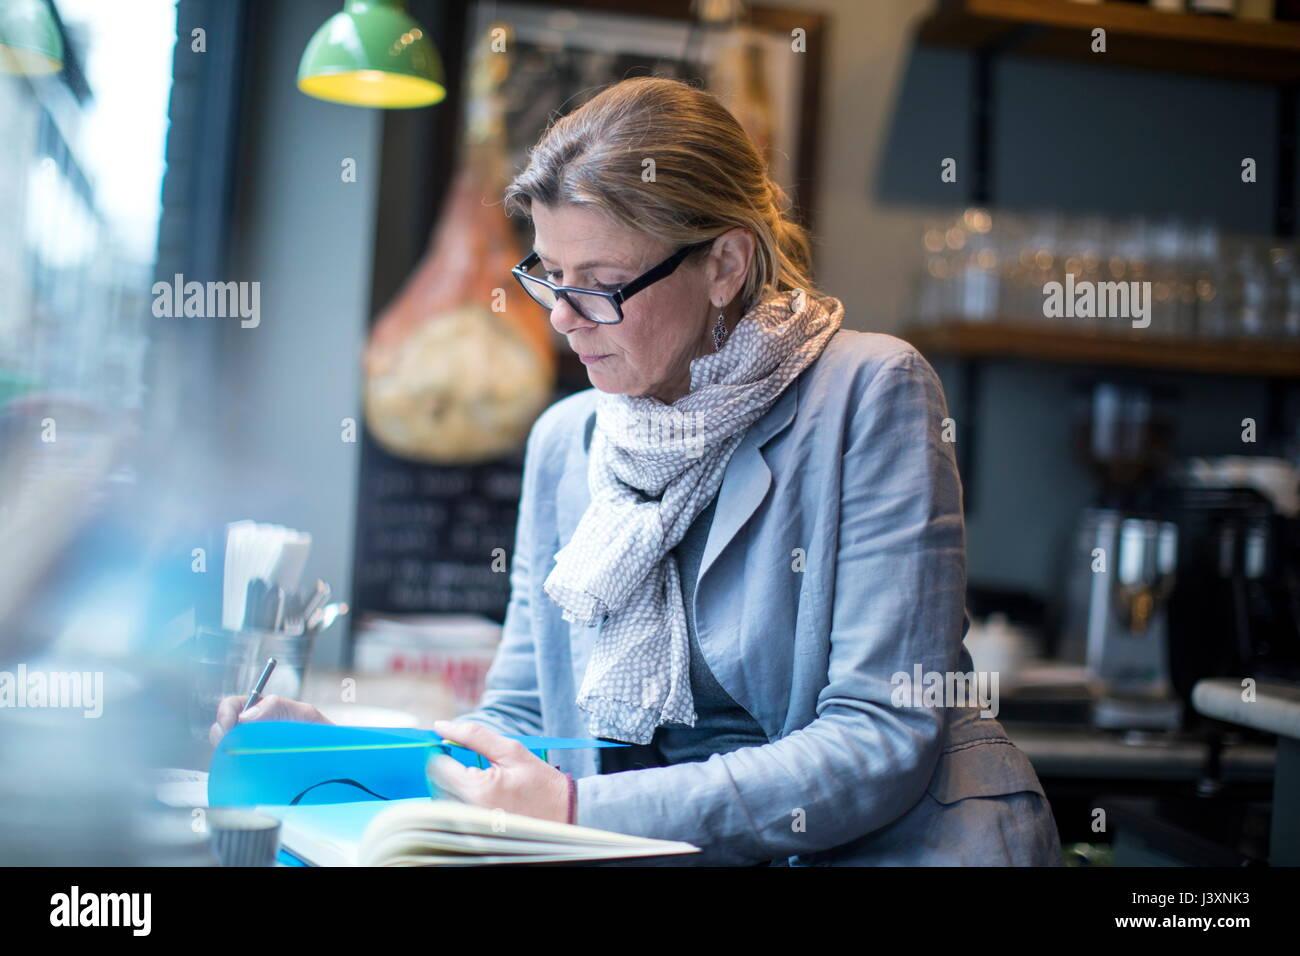 Coppia imprenditrice facendo la documentazione in ristorante Immagini Stock